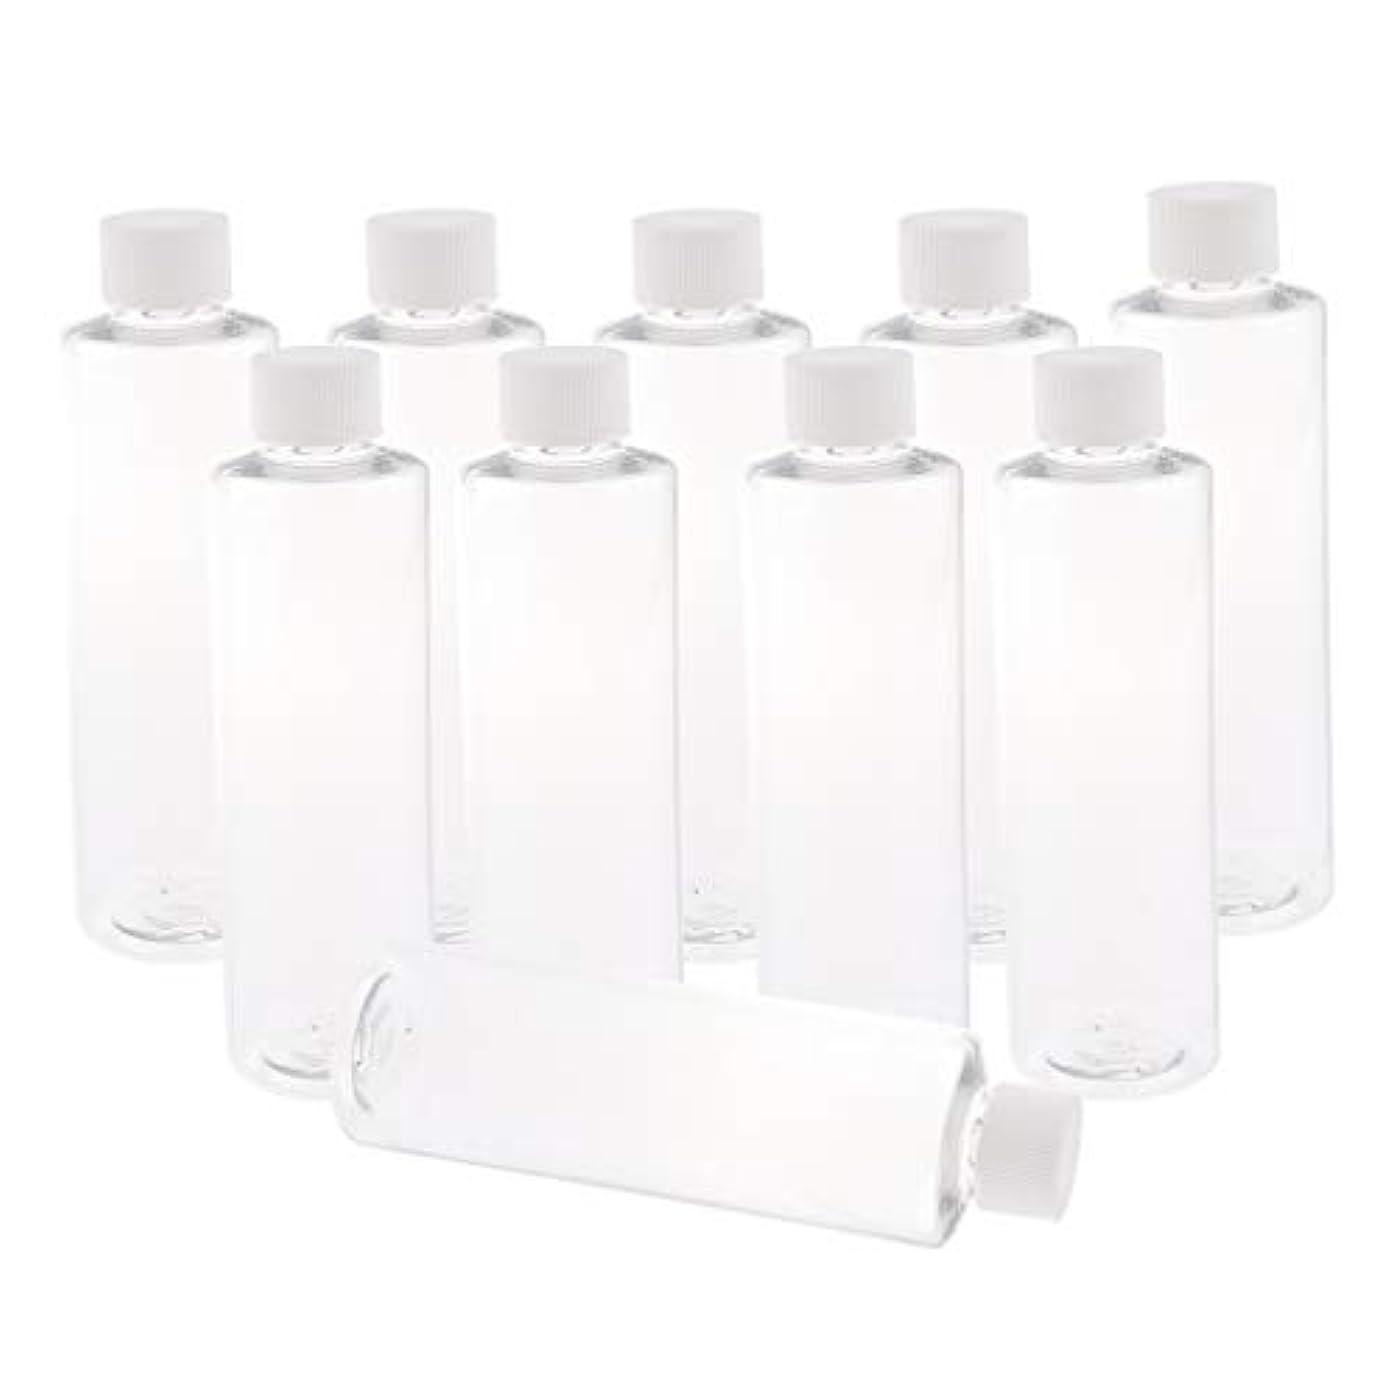 代名詞踊り子支払い全3色 200ミリリットル PETボトル 空のボトル プラスチックボトル 詰替え容器 - ホワイトキャップ